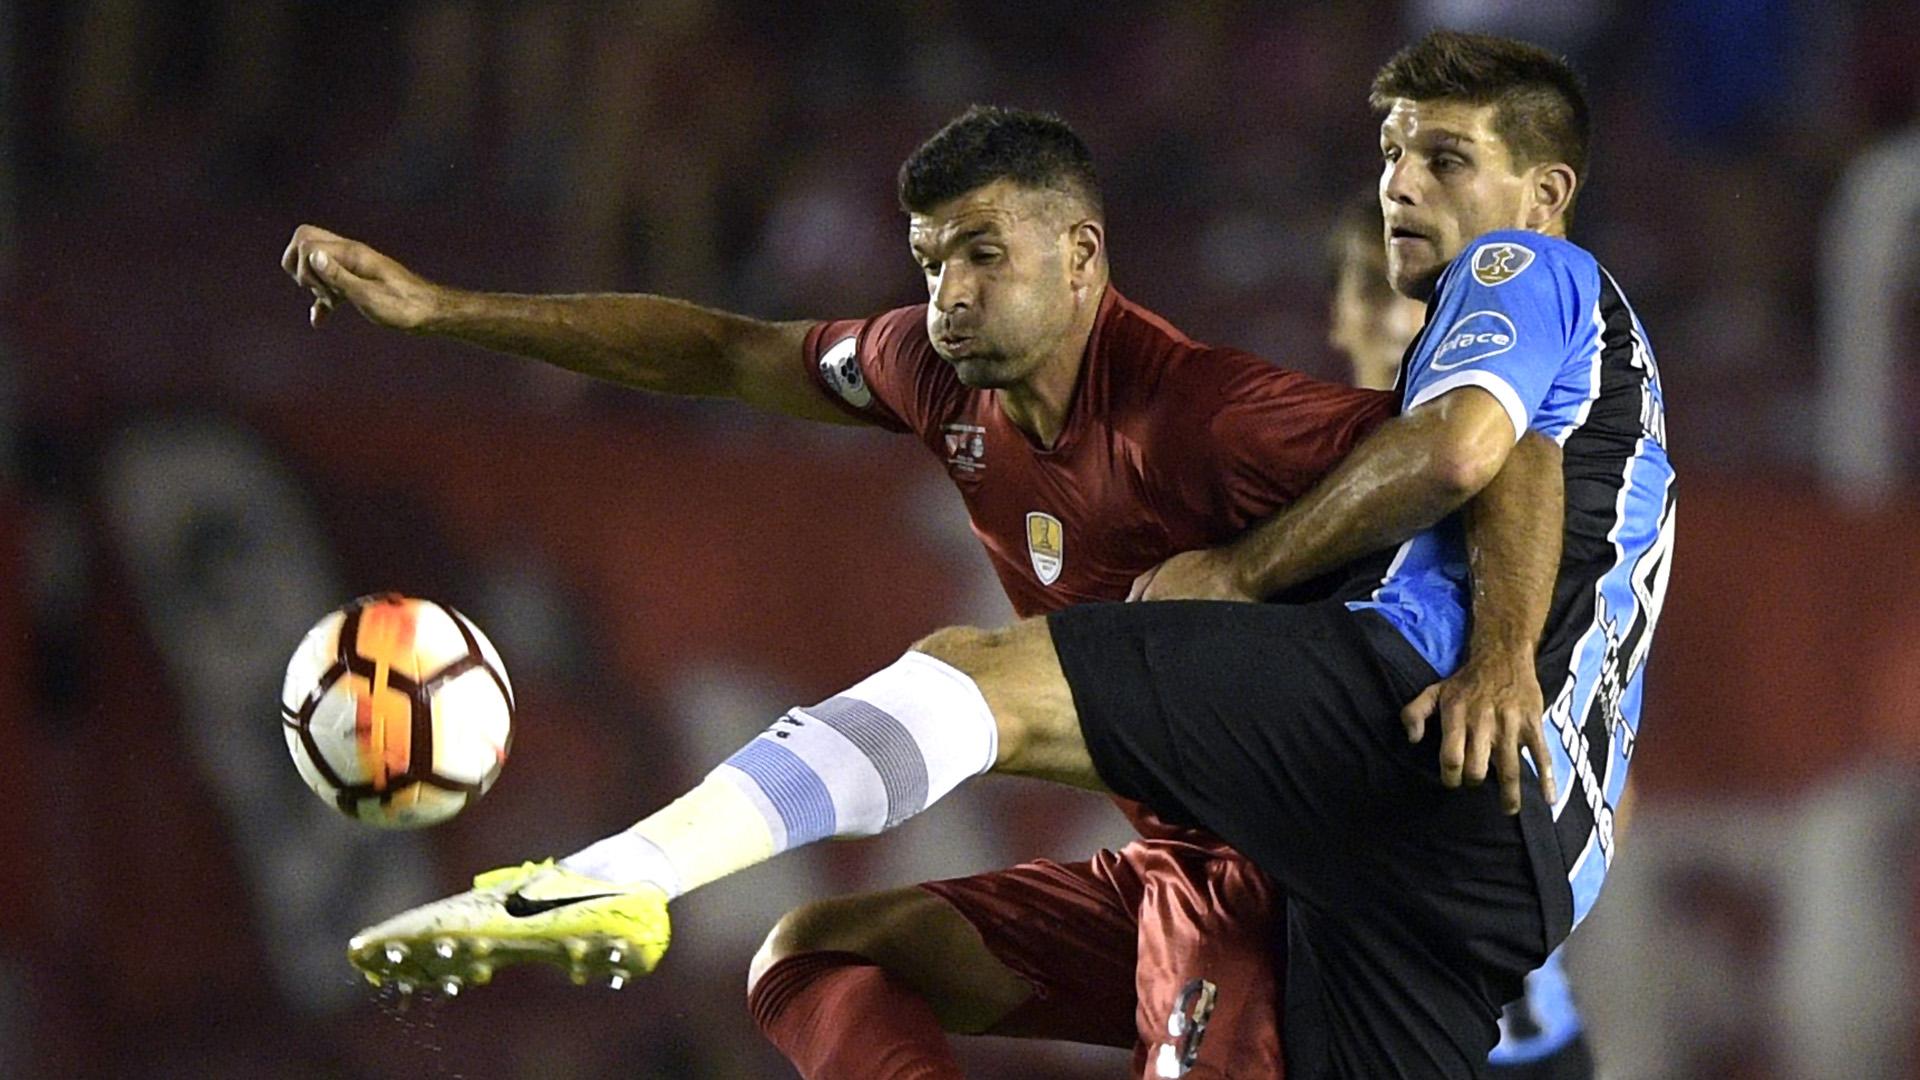 Independiente y Gremio en el partido de ida de la Recopa Sudamericana que se juega en el estadio Libertadores de América. (AFP)